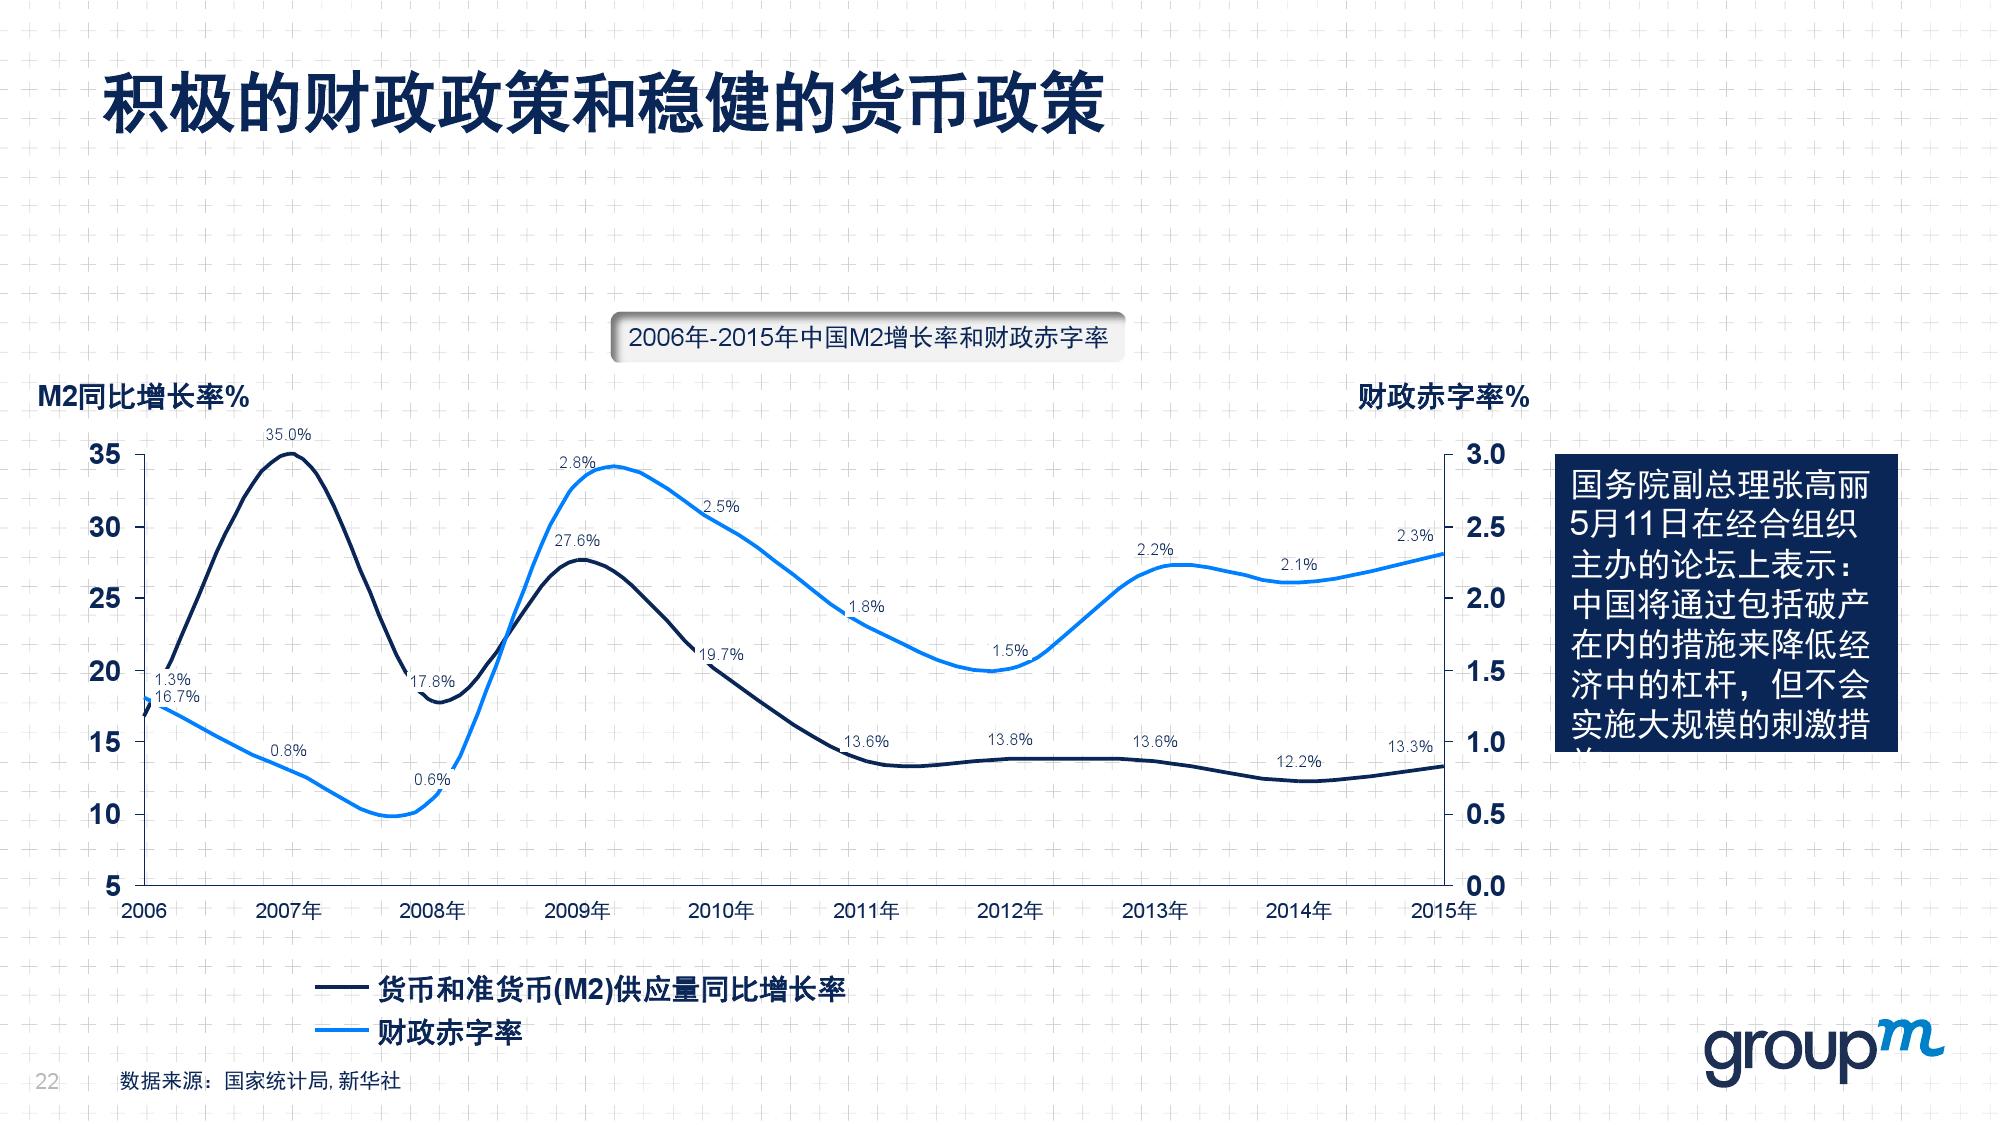 赢在中国2016:从需求刺激转向供给侧改革_000022